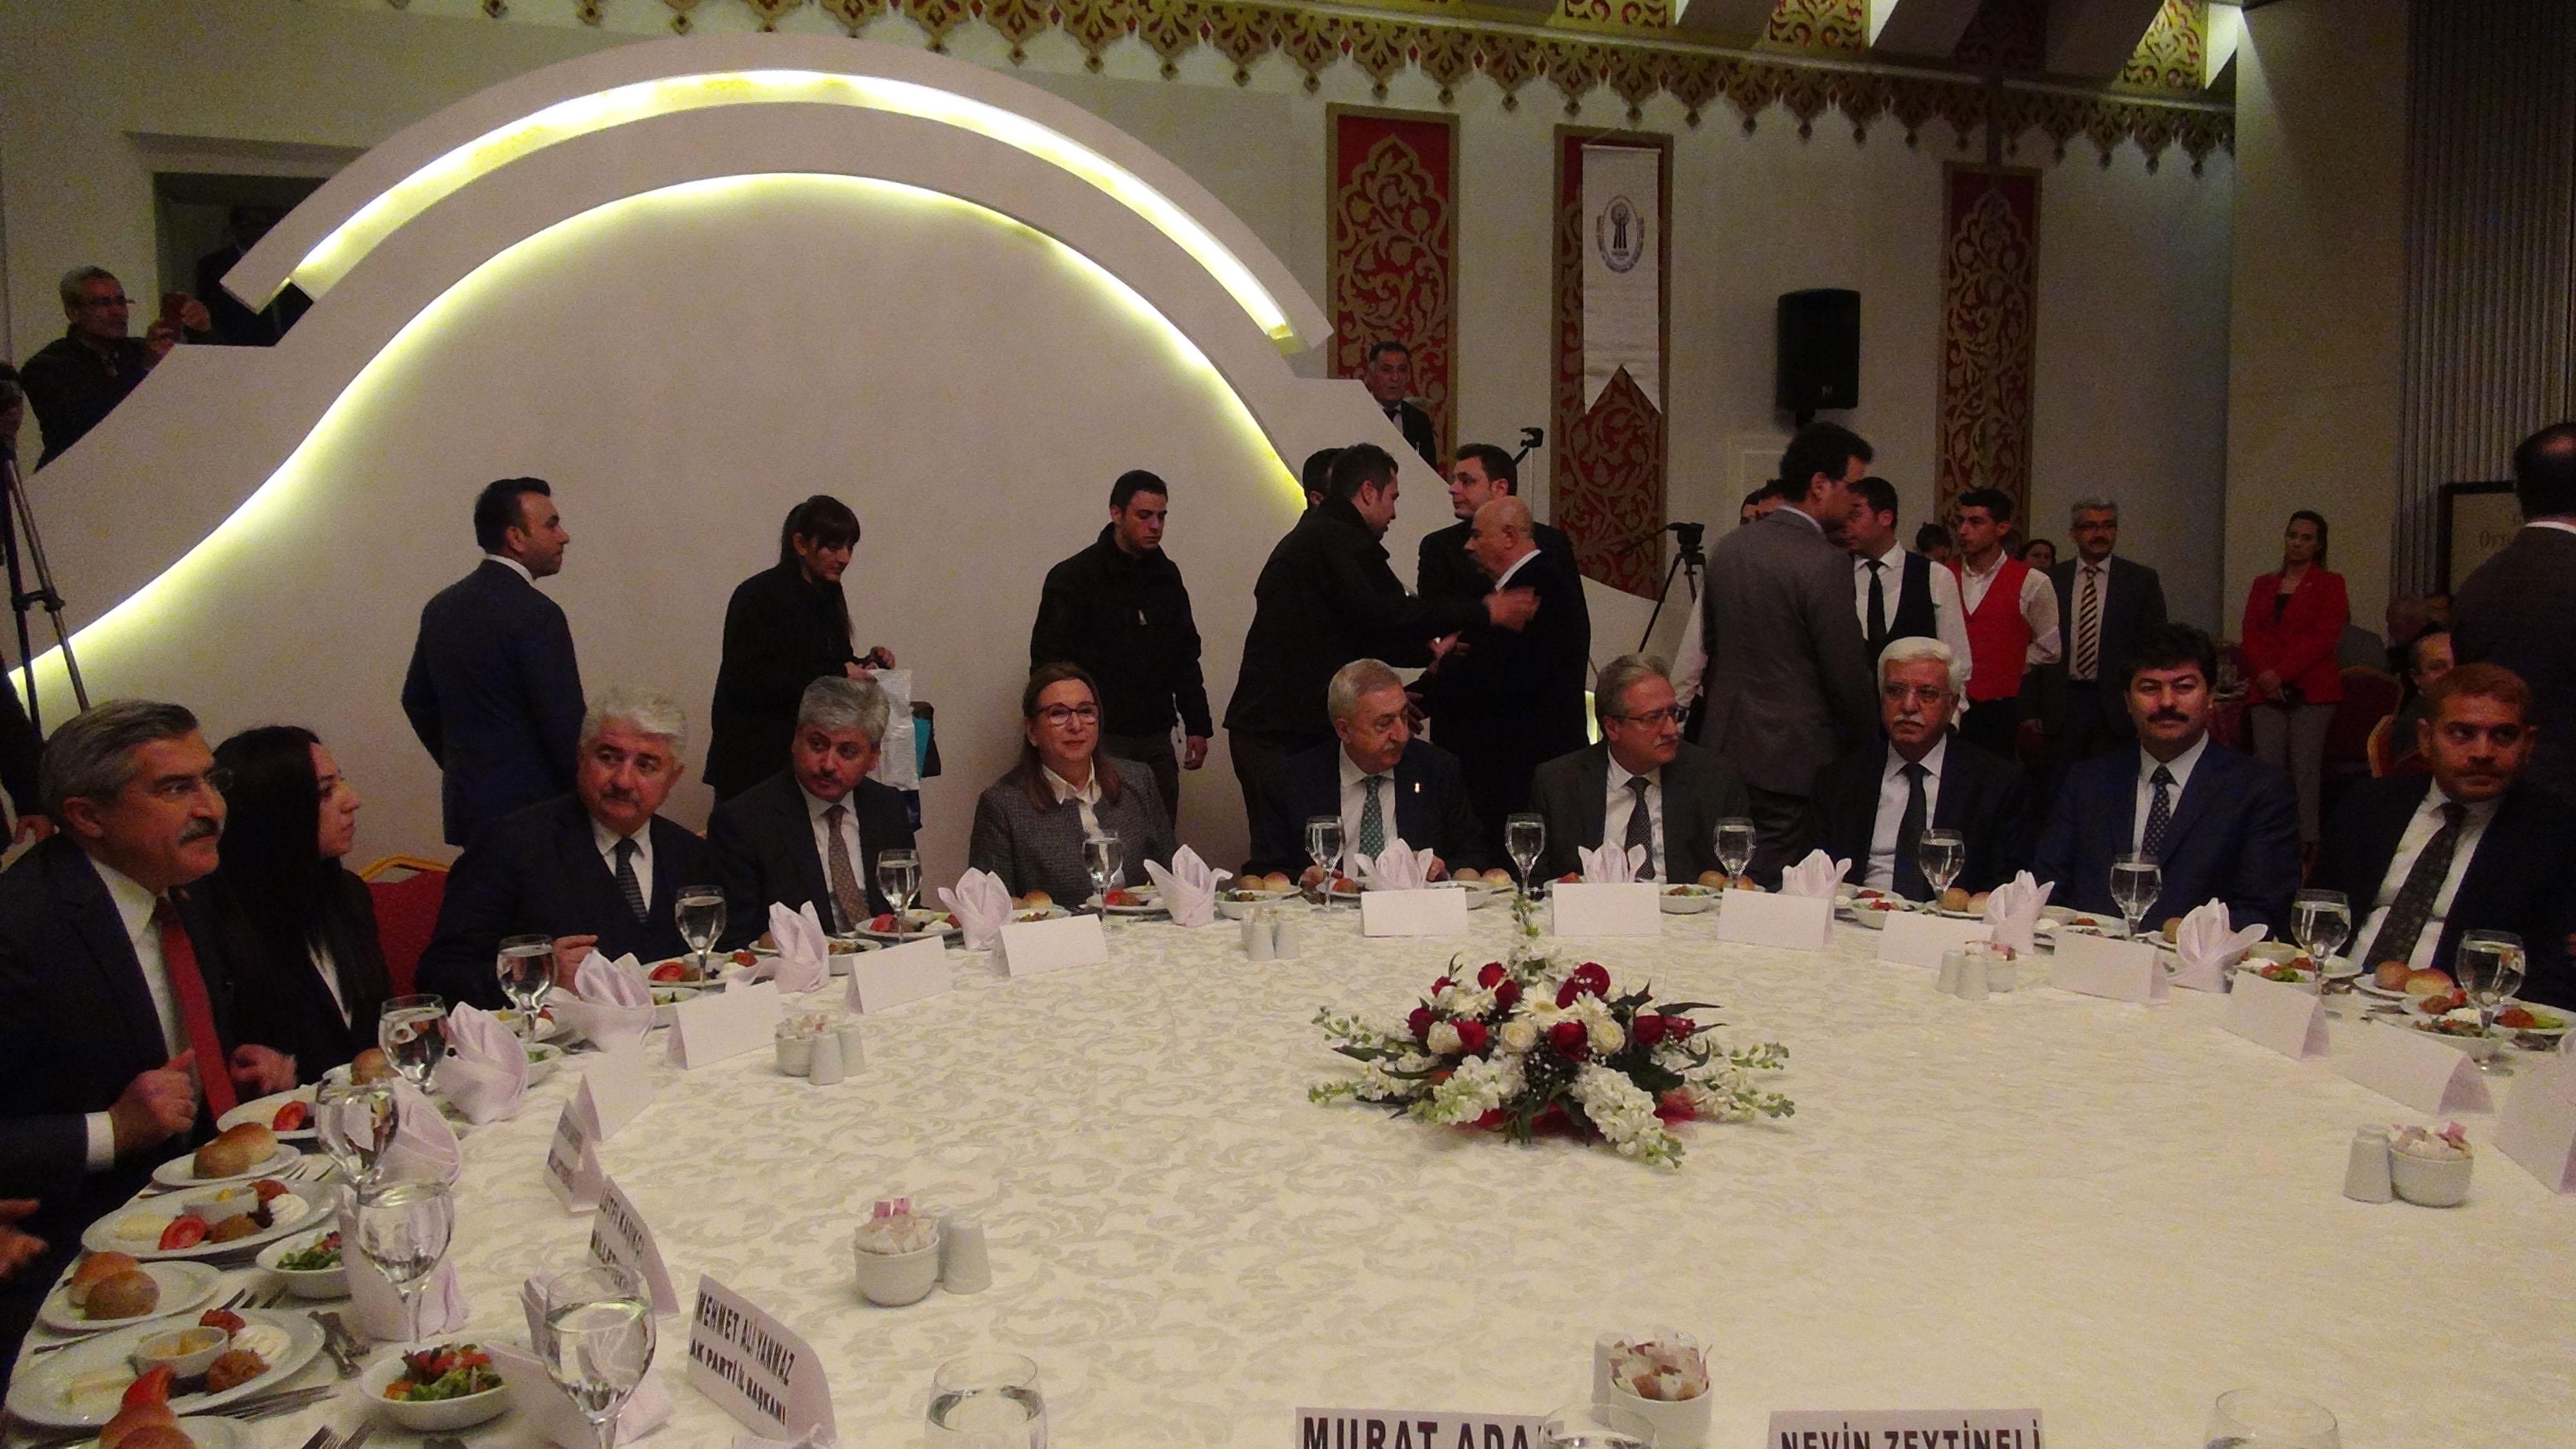 Ticaret Bakanı Ruhsar Pekcan: Zeytin Dalı Gümrük Kapısı haftaya devreye girecek